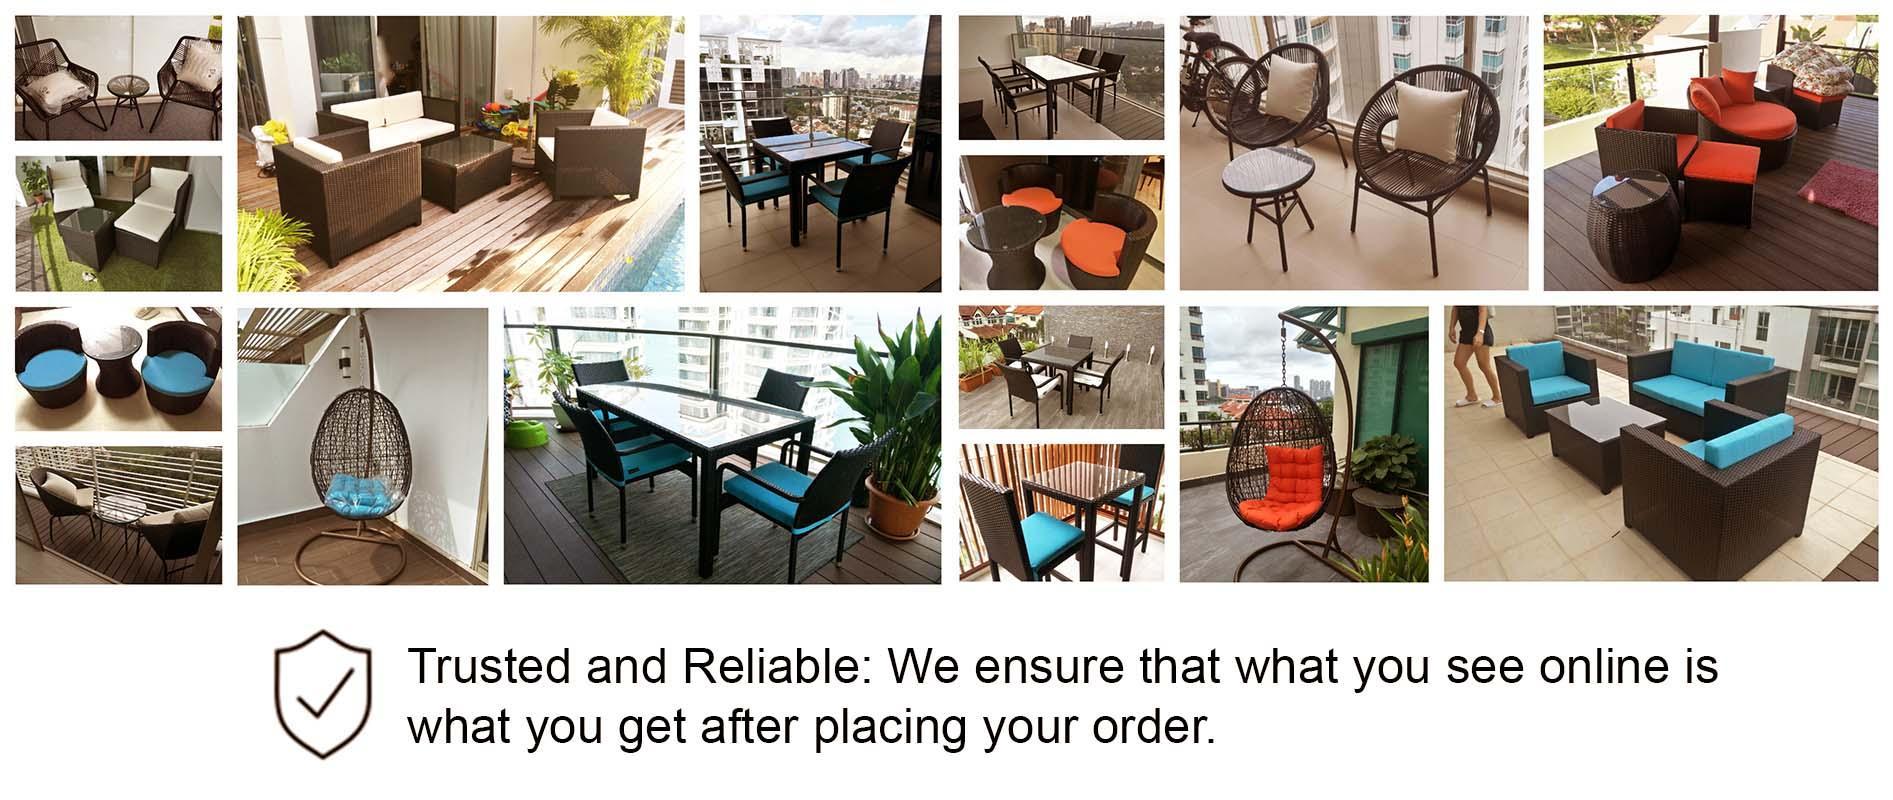 arena-living-outdoor-furniture-online-.jpg